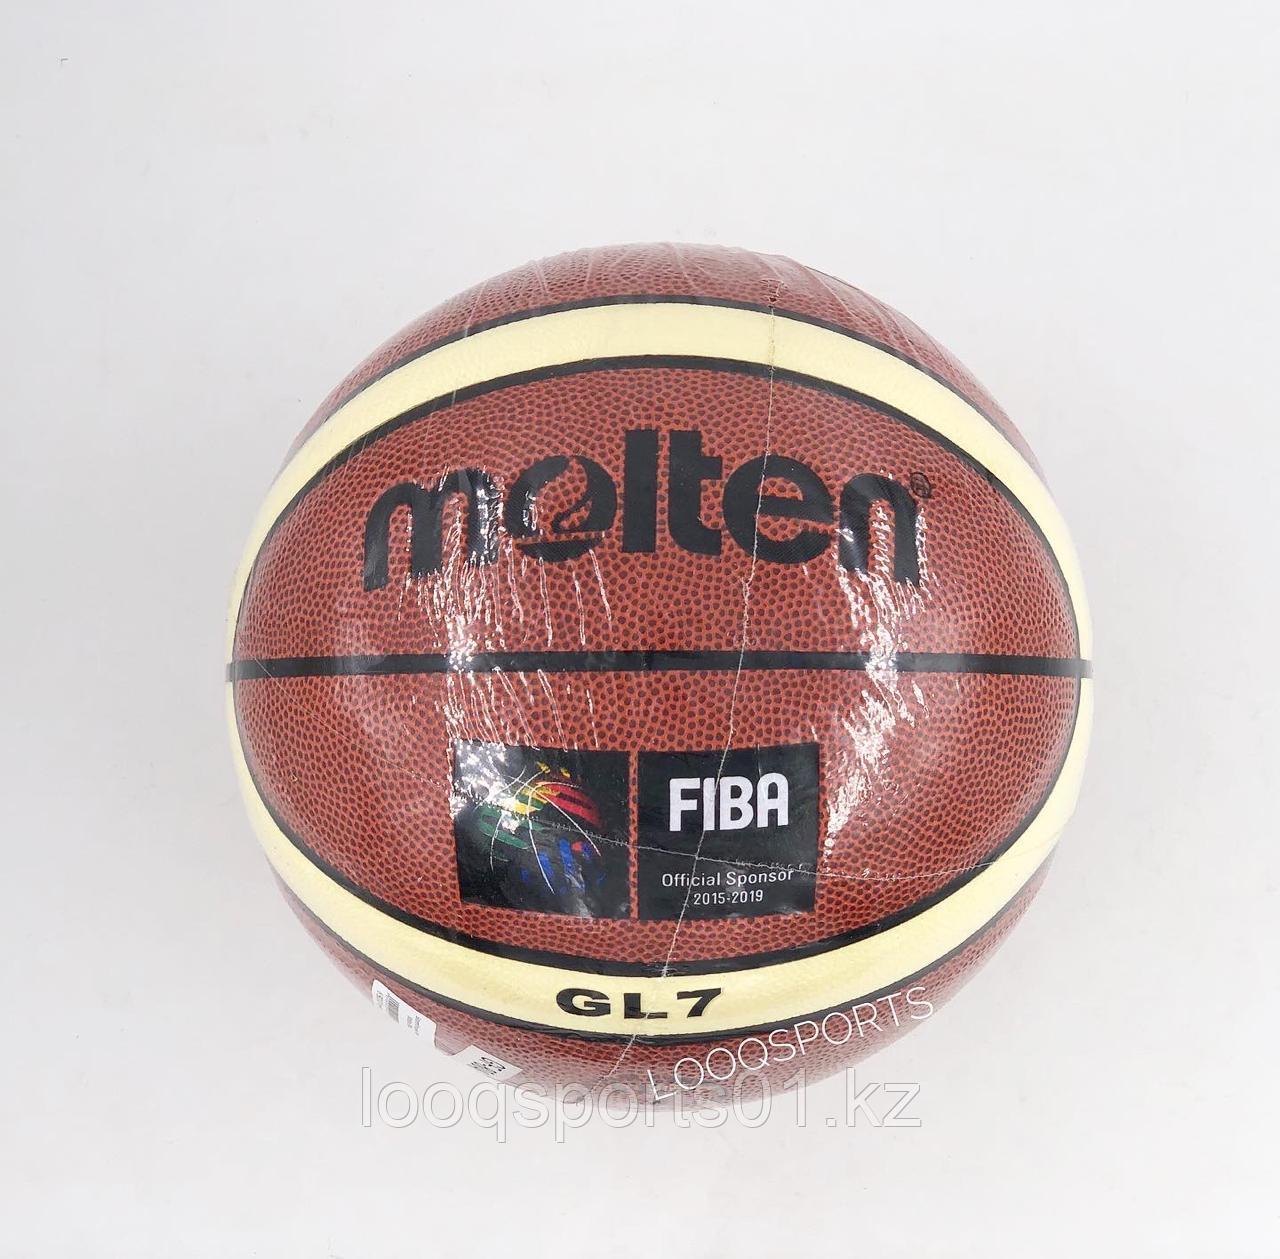 Баскетбольный мяч Molten FIBA GL7